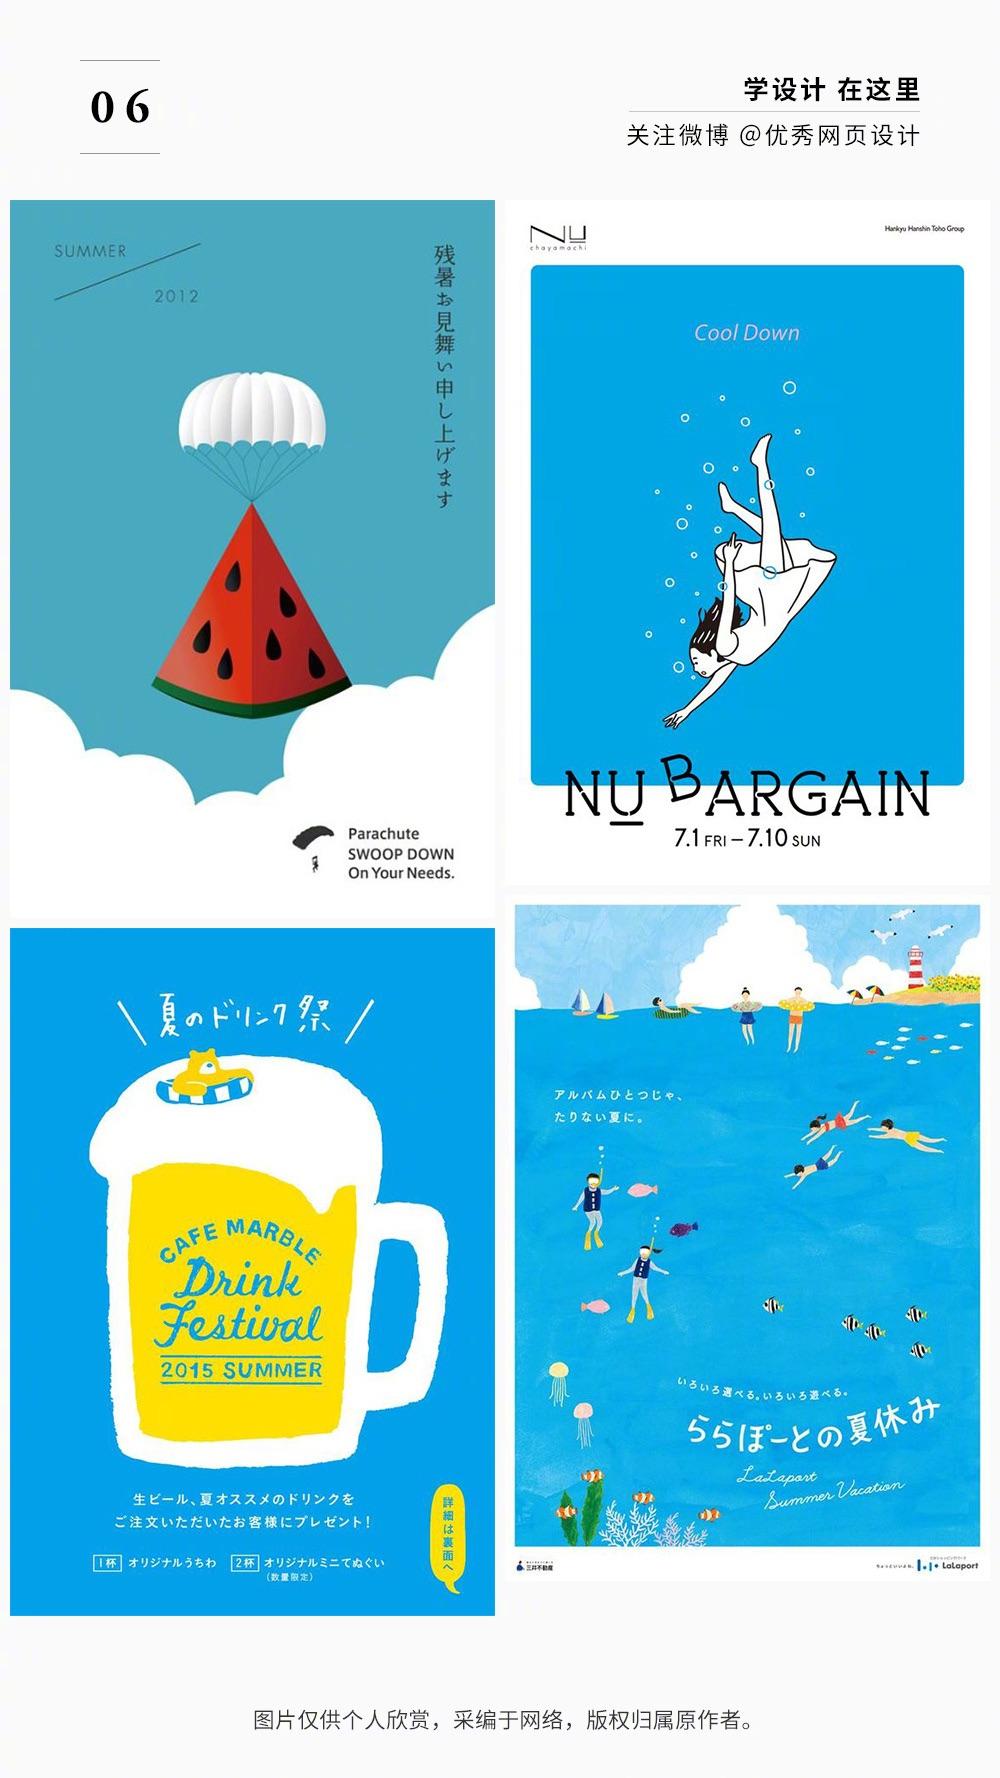 36张可以避暑的蓝色插画海报设计